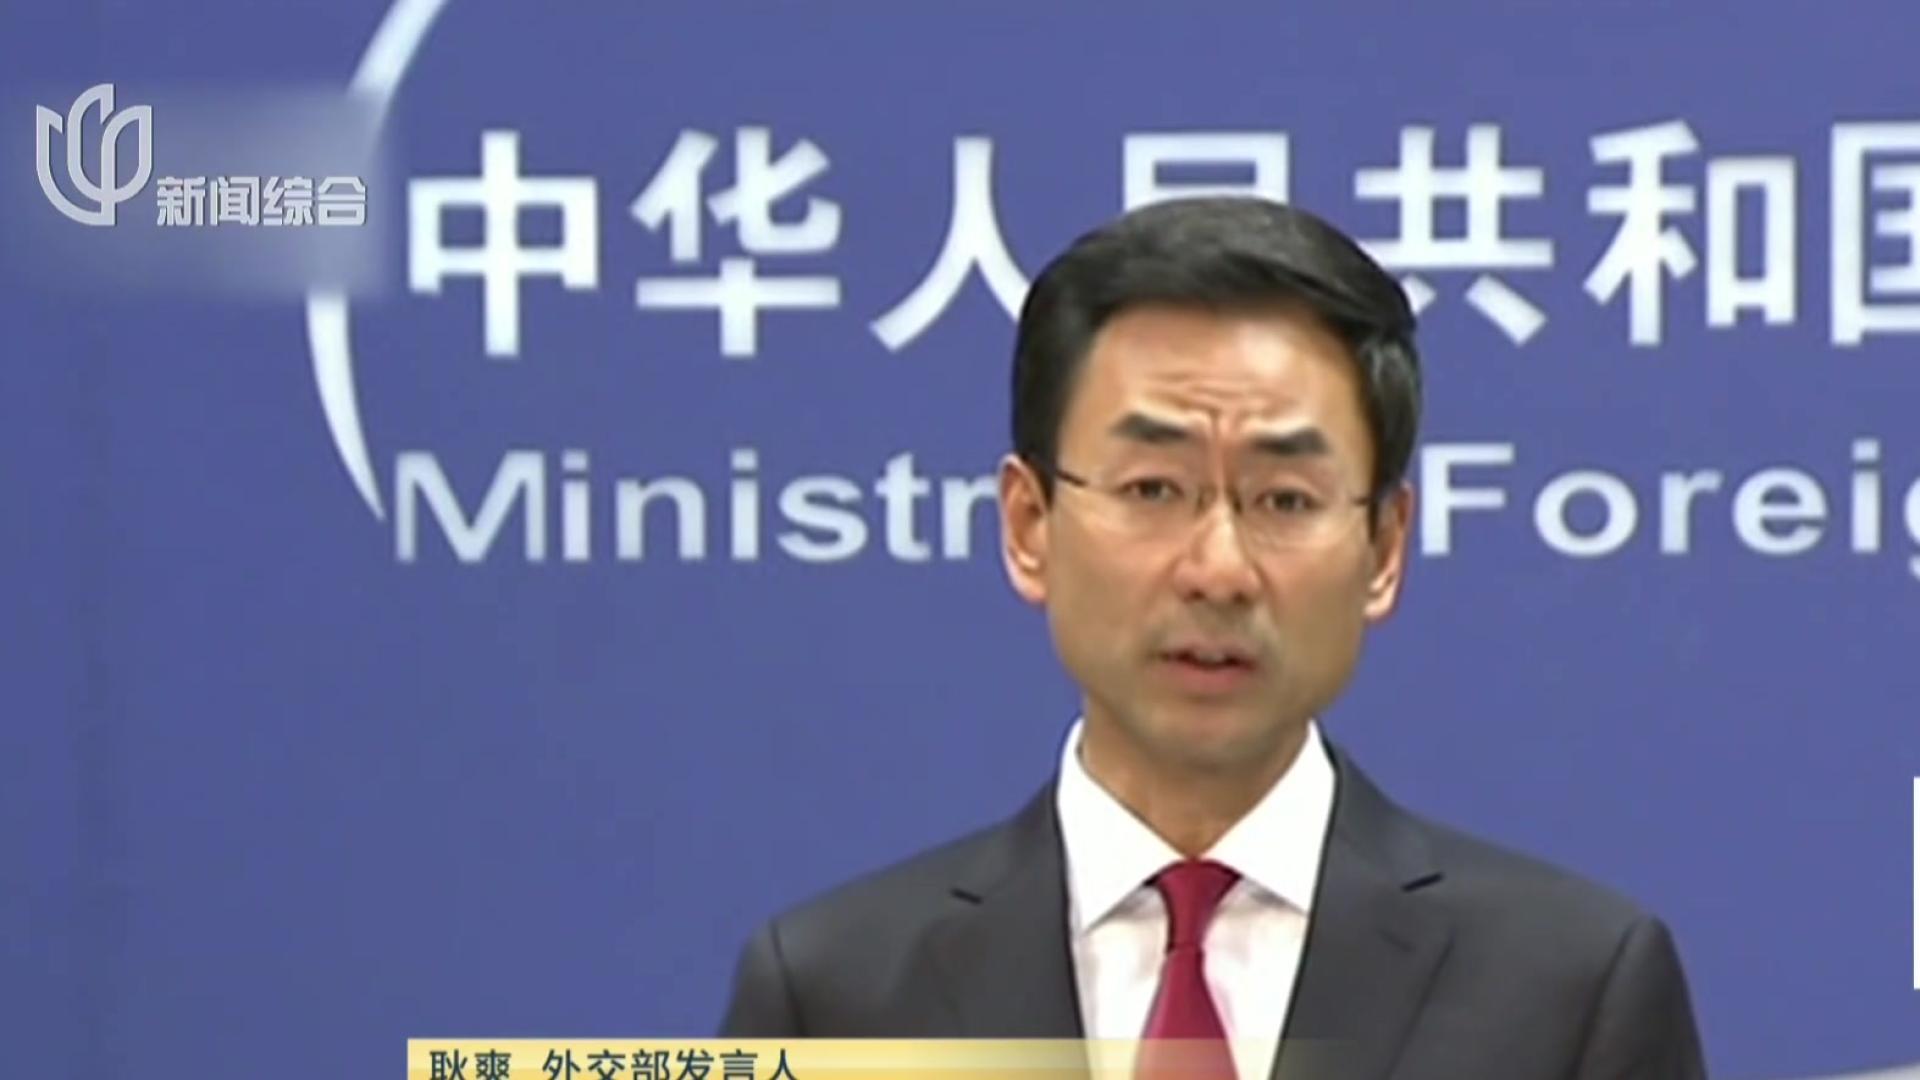 香港金钟一带发生骚乱  外交部:中央政府支持香港特区政府依法处置